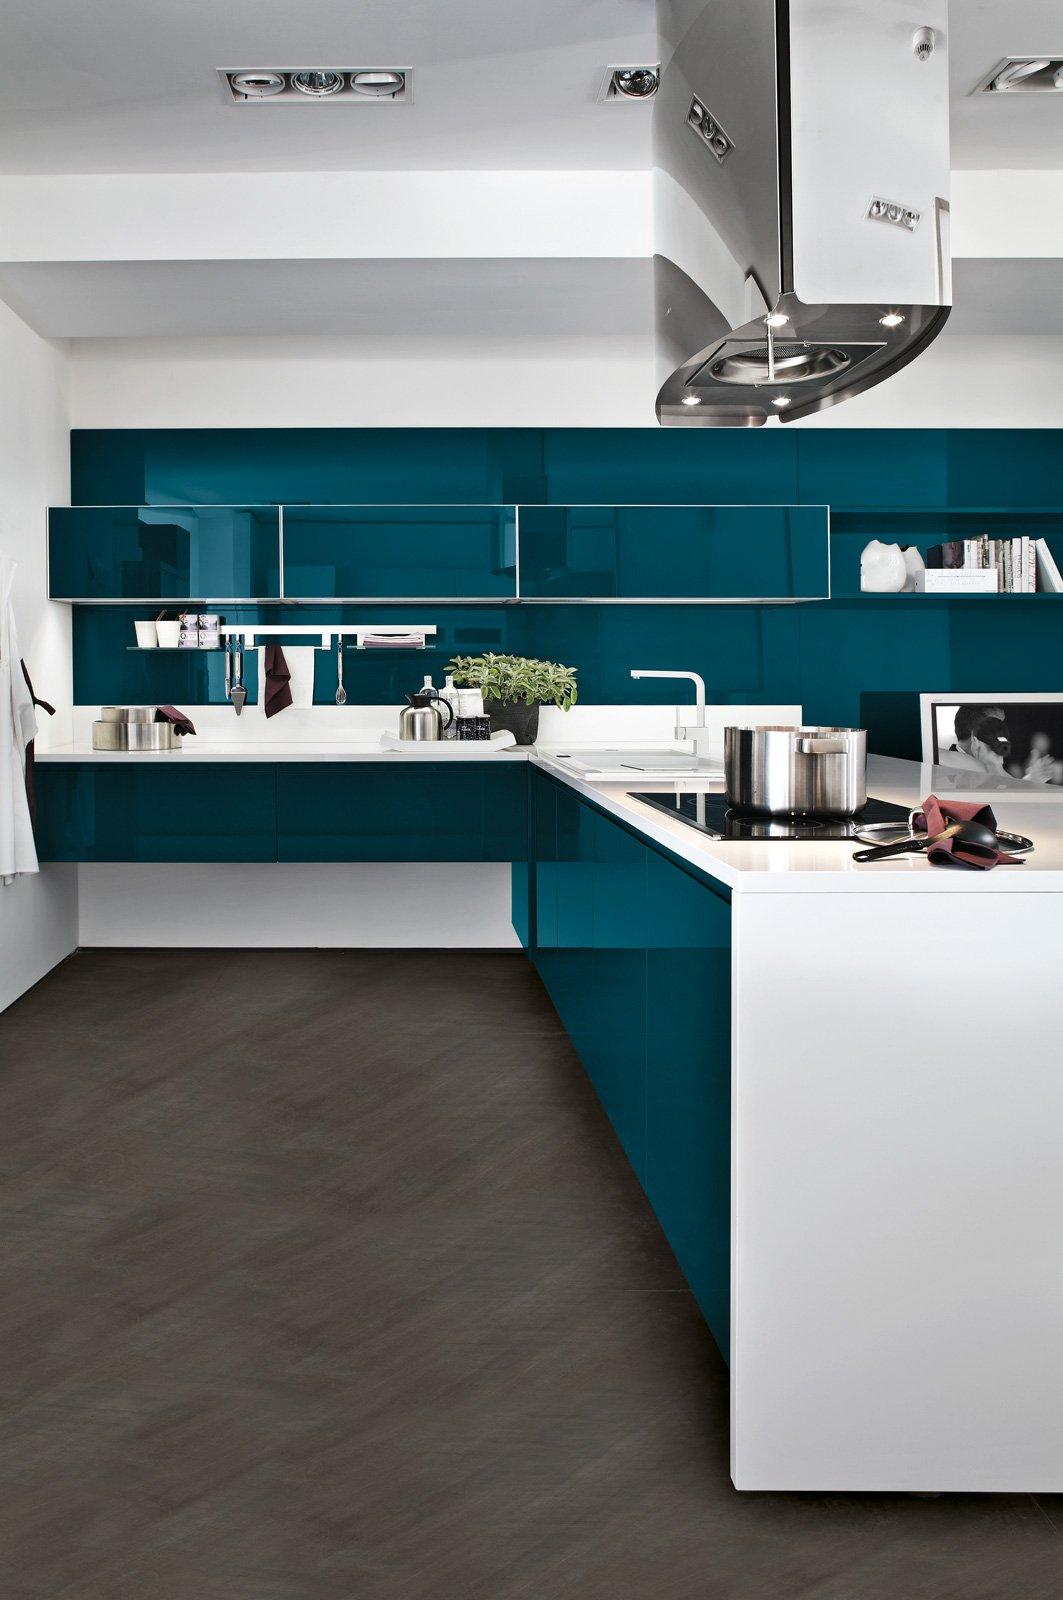 Cucine con cappa decorativa cose di casa - Cucina con cappa a vista ...